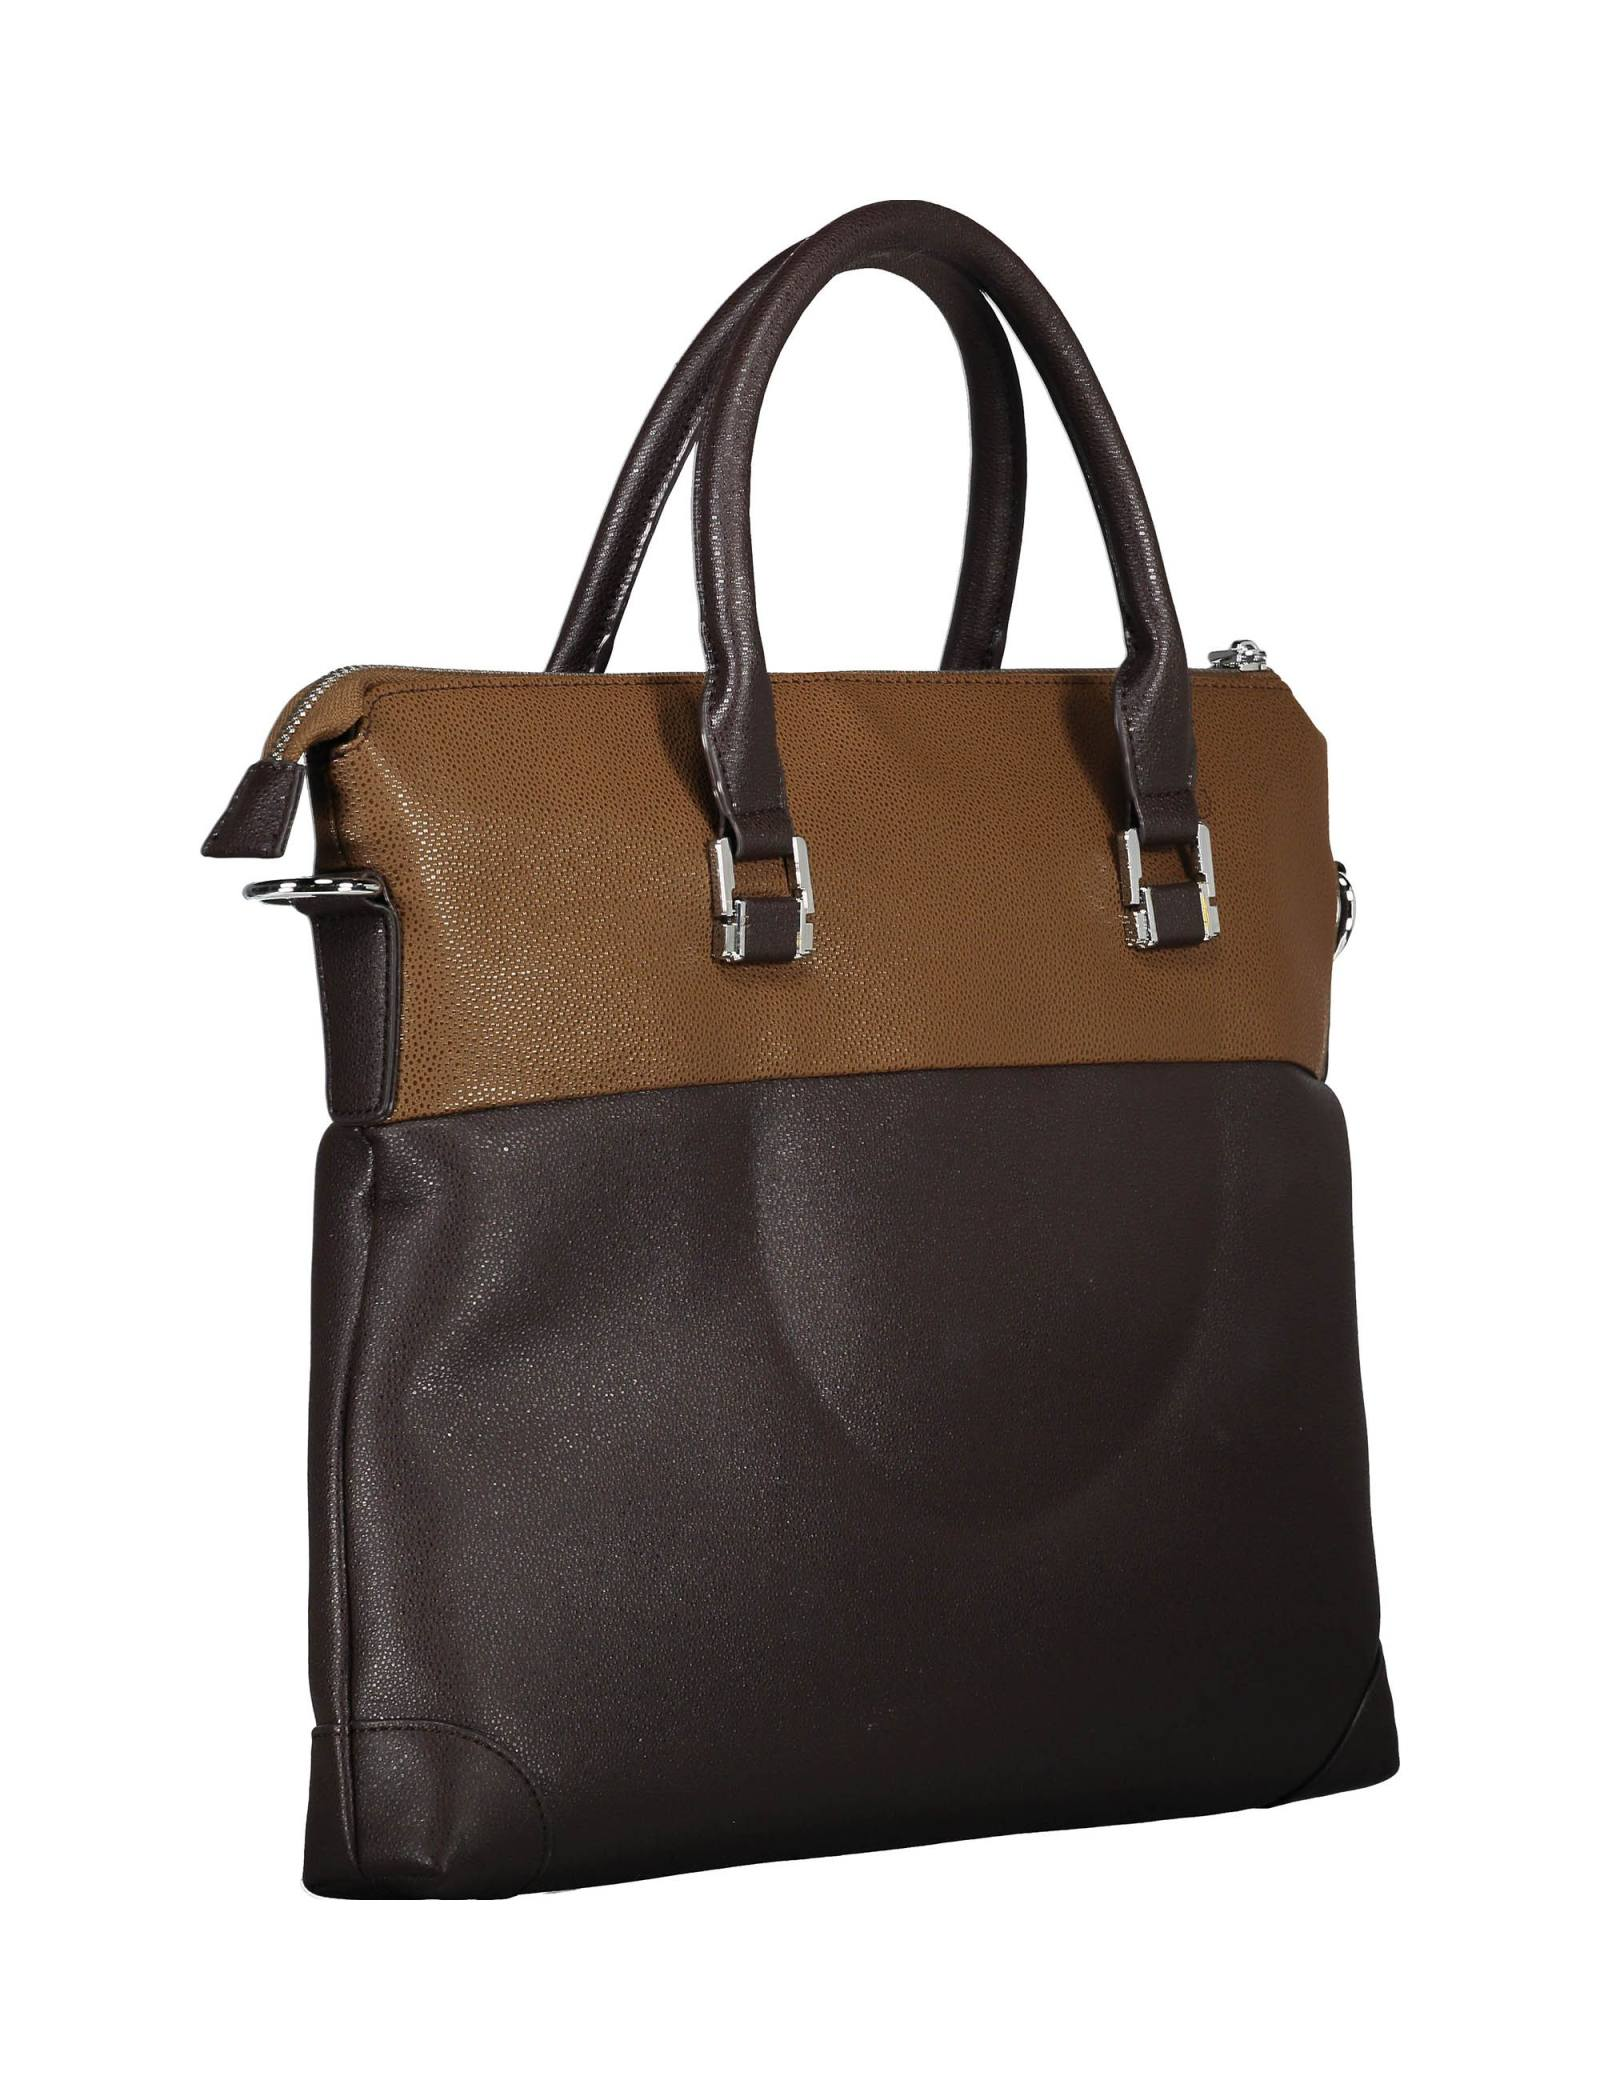 کیف دستی روزمره زنانه - باتا - قهوه اي - 4